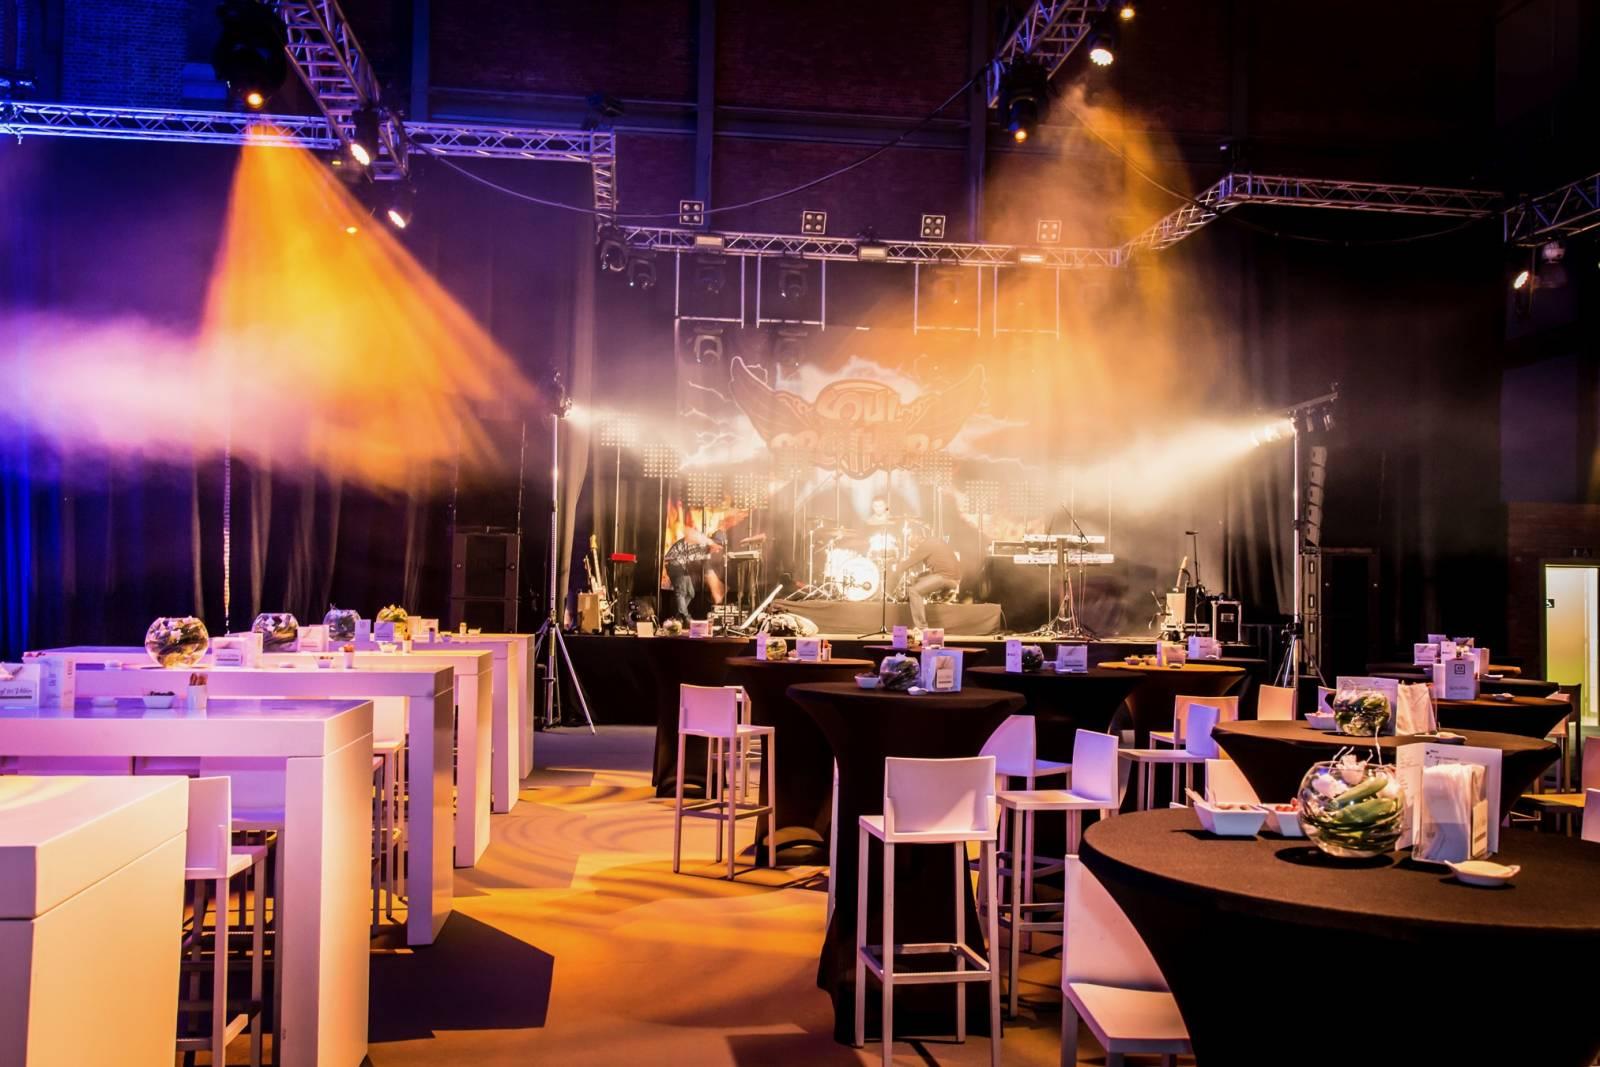 Hangar 43 - Feestzaal - Feestlocatie - Industrieel - Dendermonde (Antwerpen) - House of Events - 11